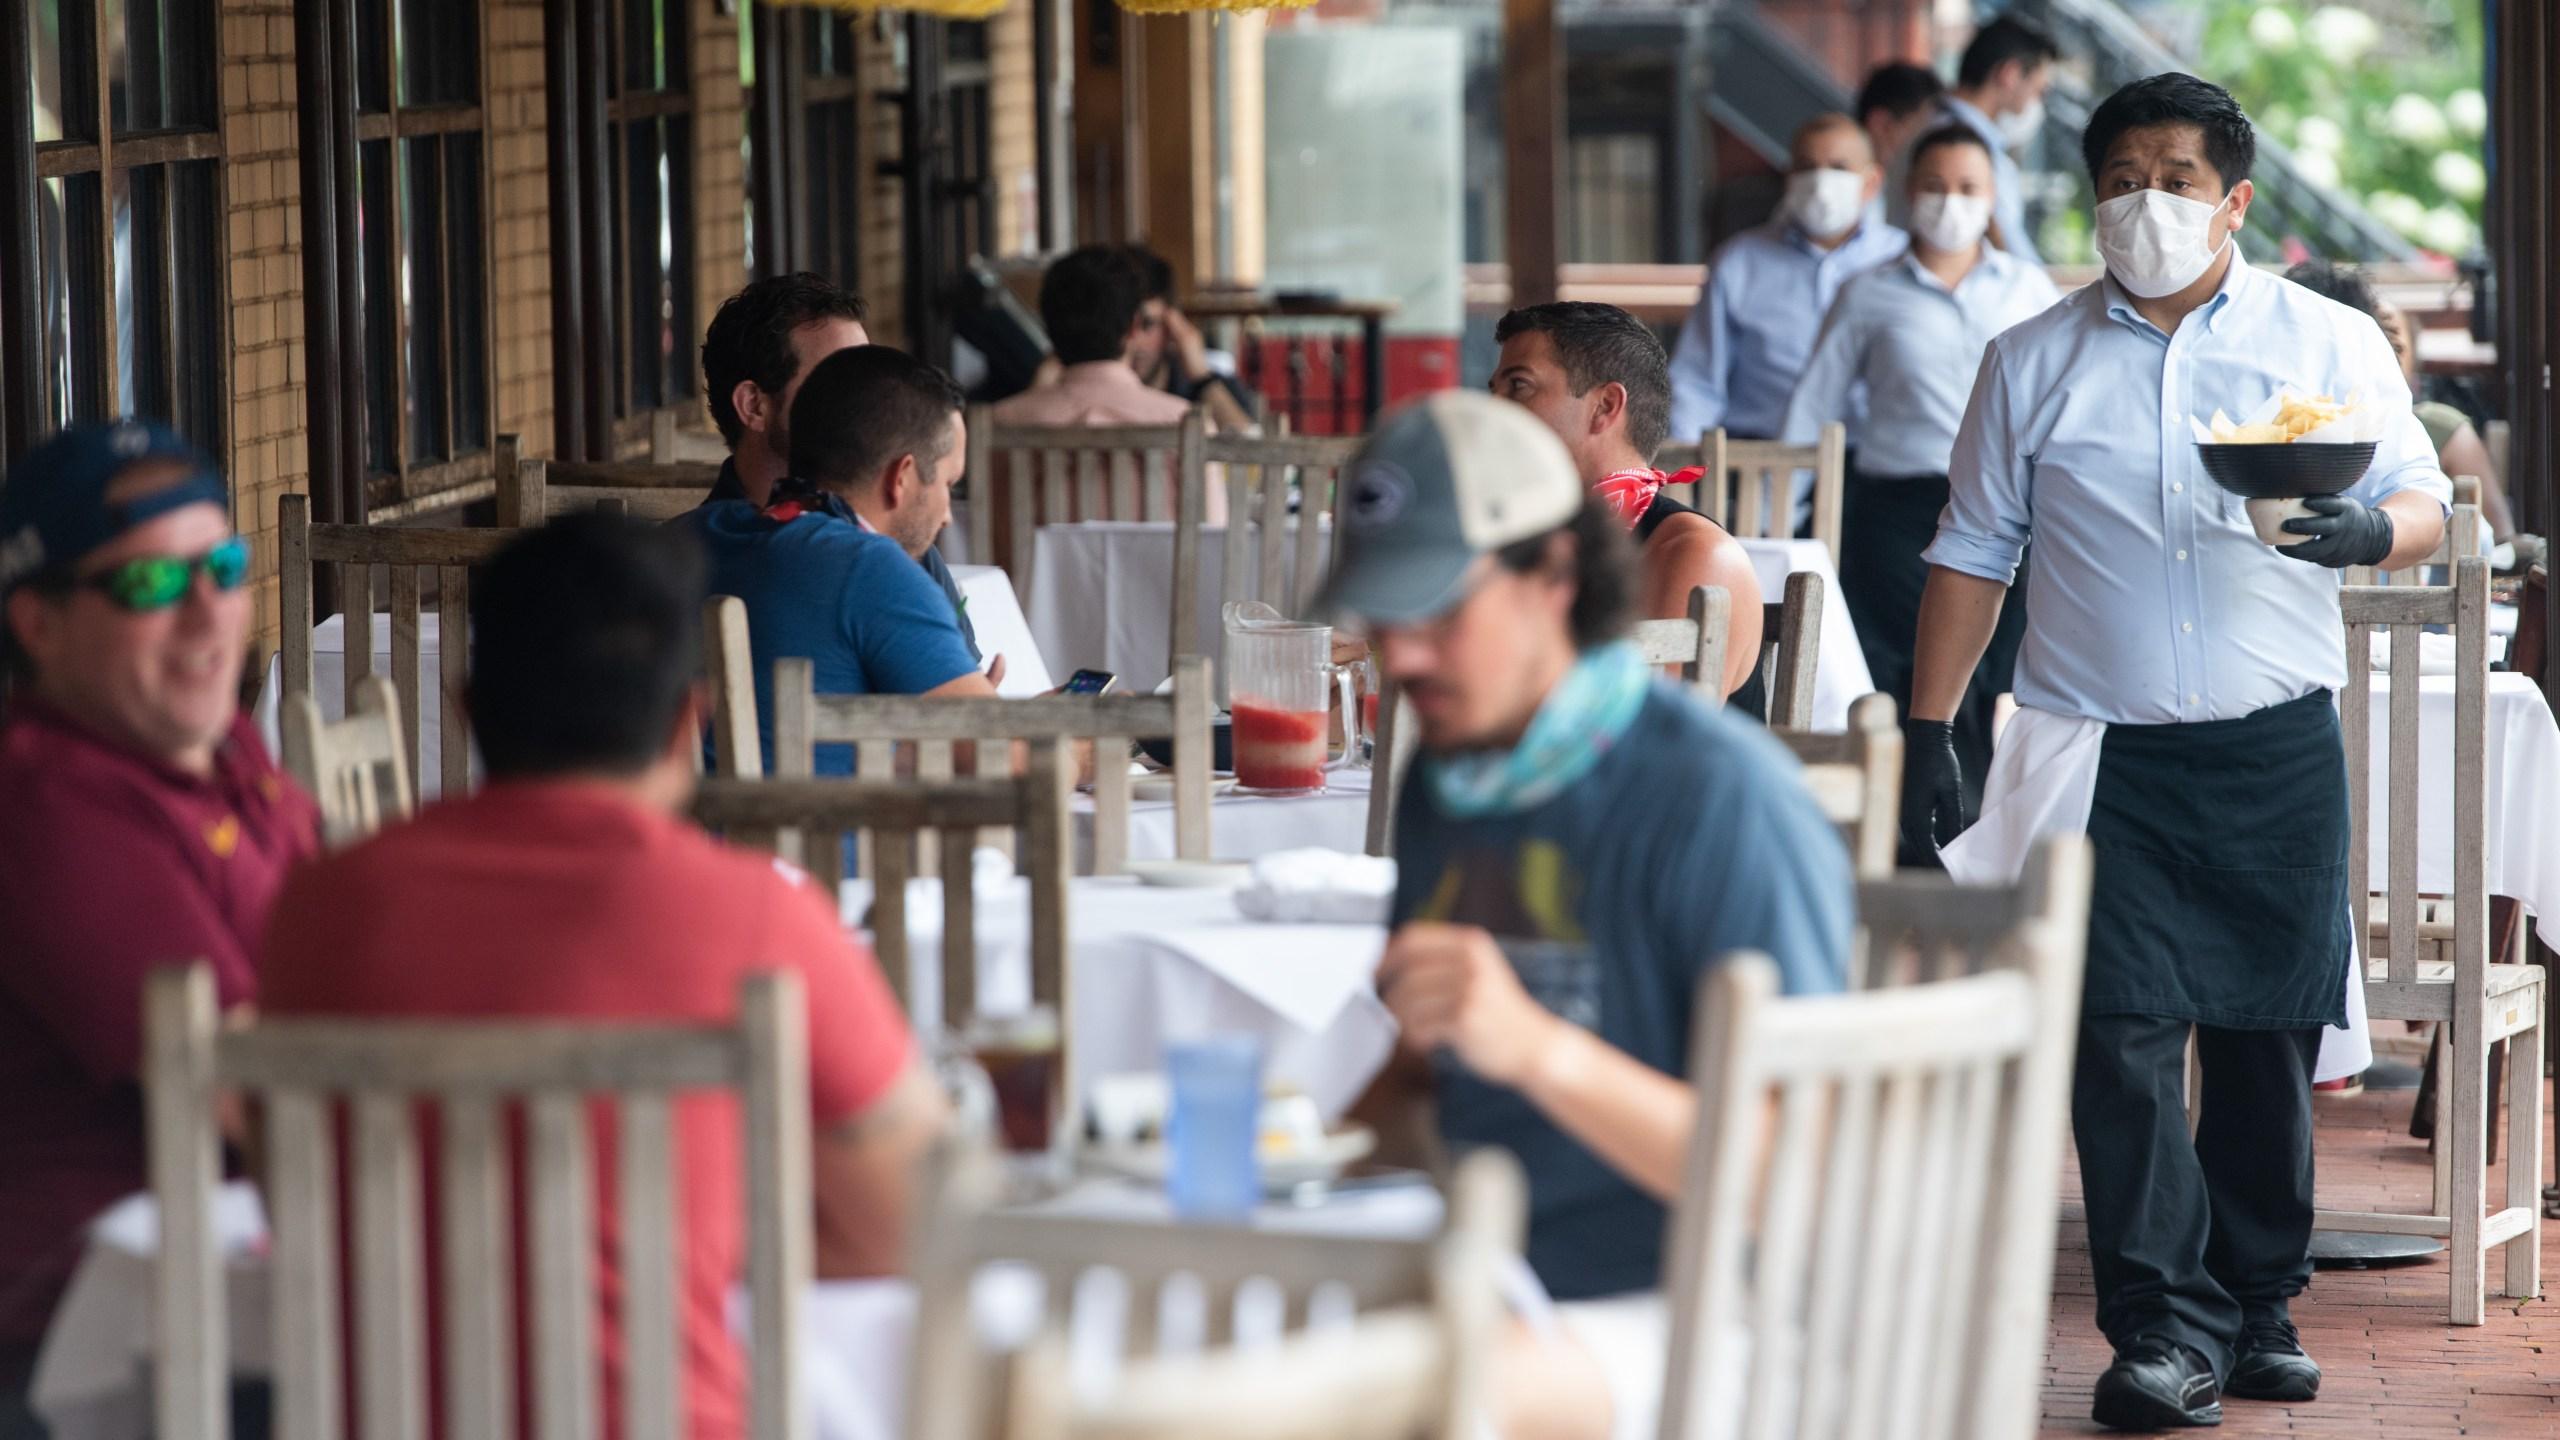 Restaurant scene during coronavirus